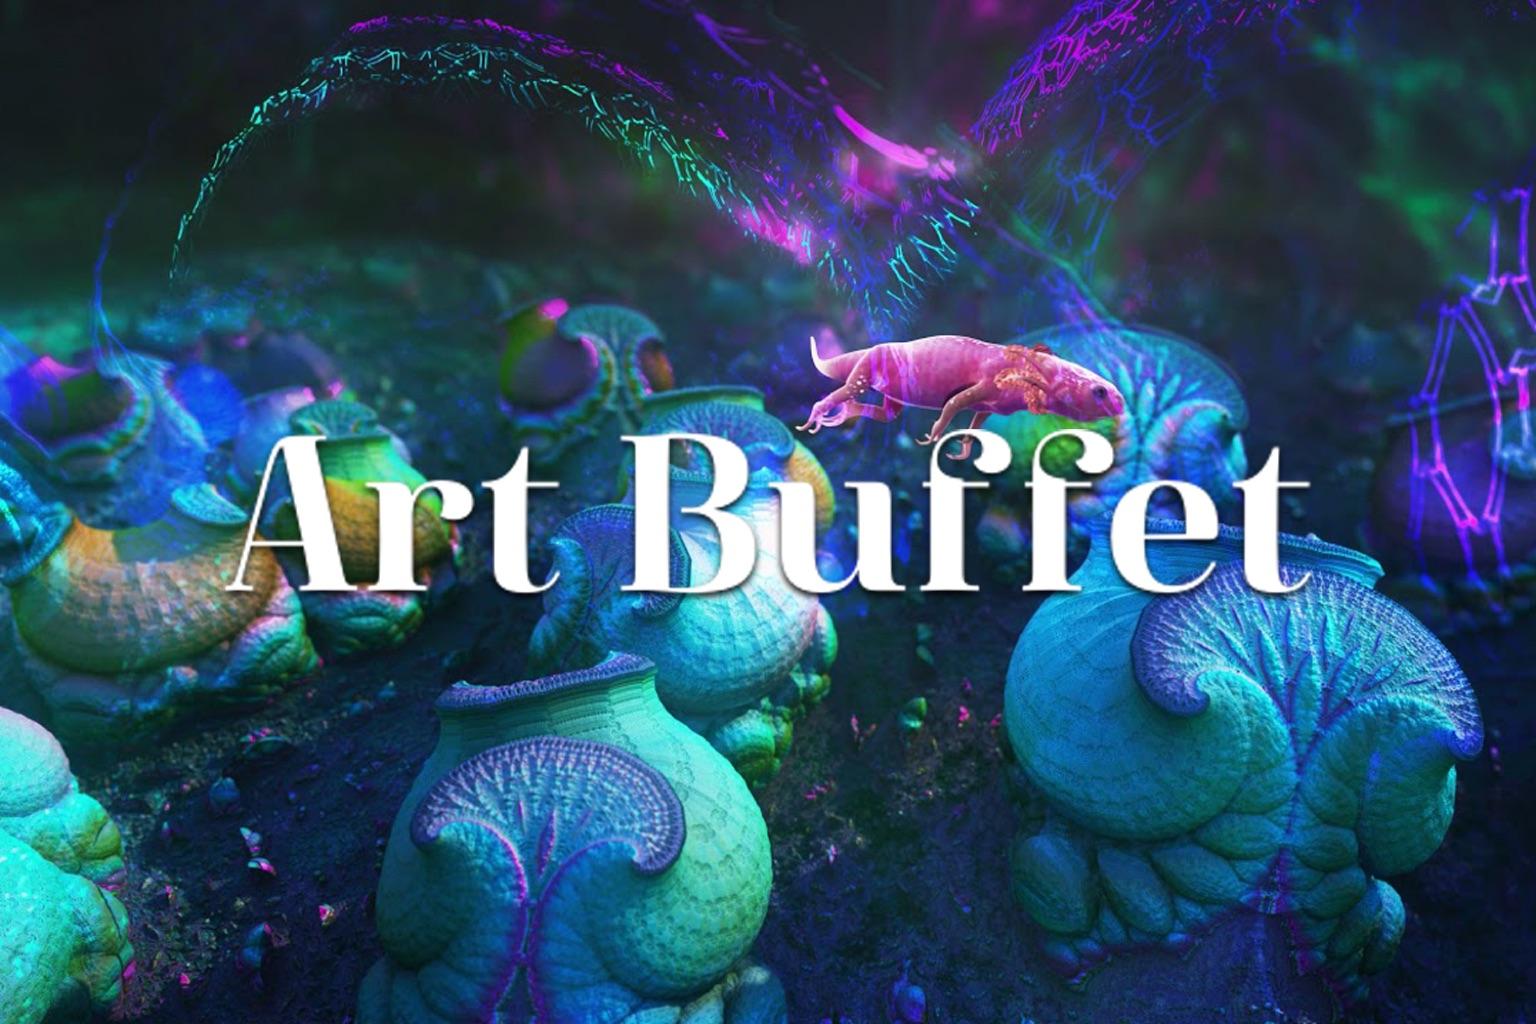 New channel: Art Buffet